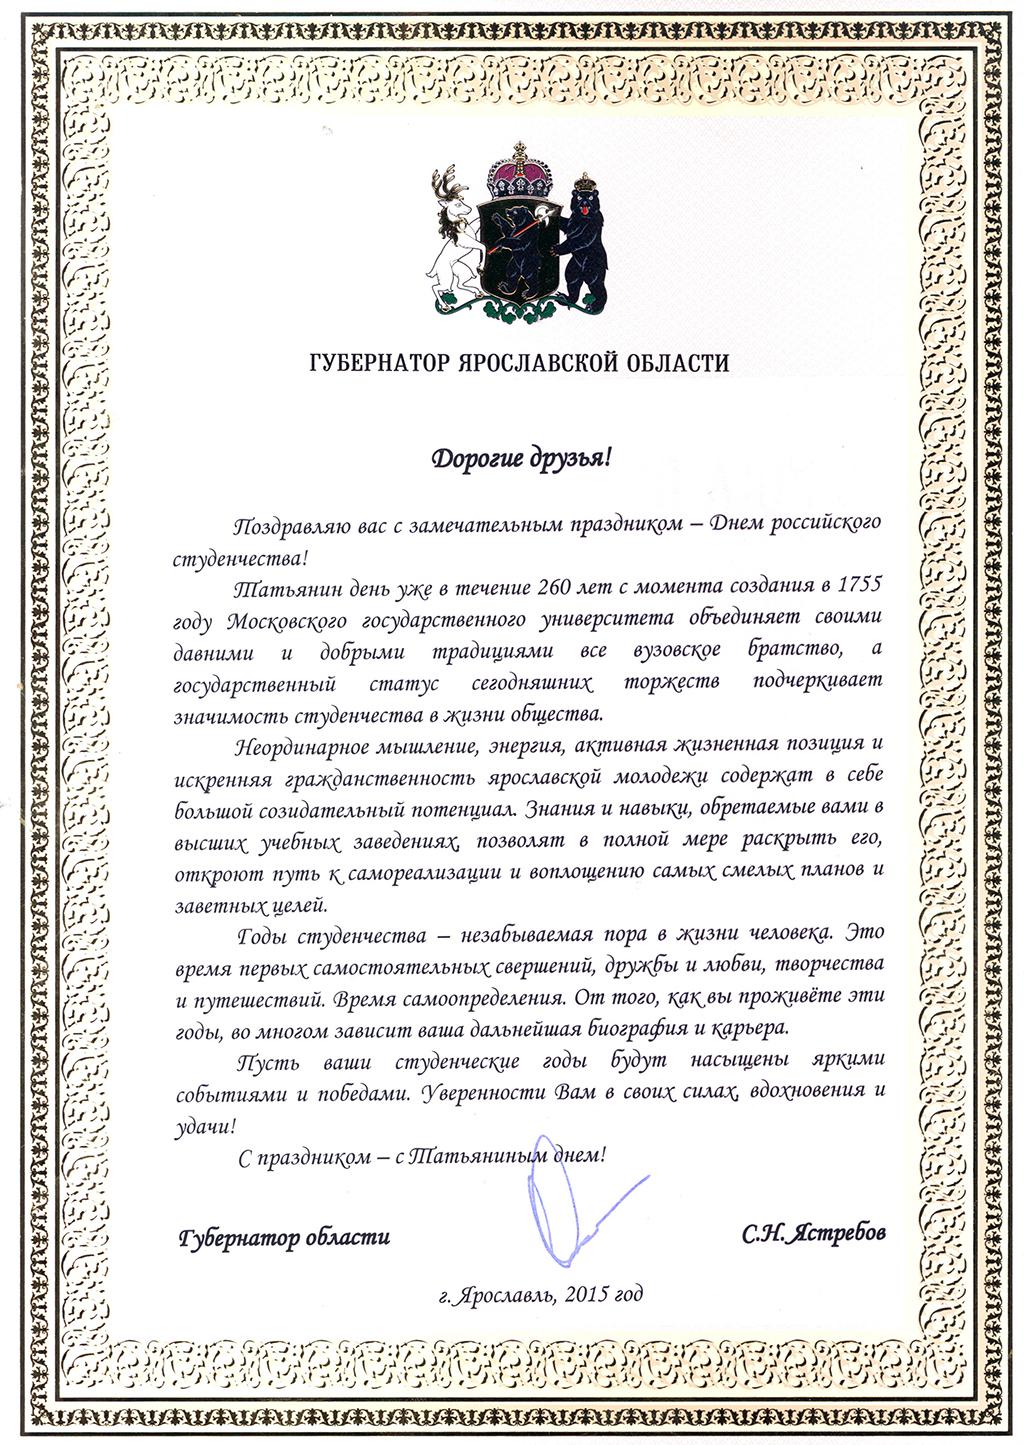 губернатор поздравил директора с днем рождения рассказать что средние